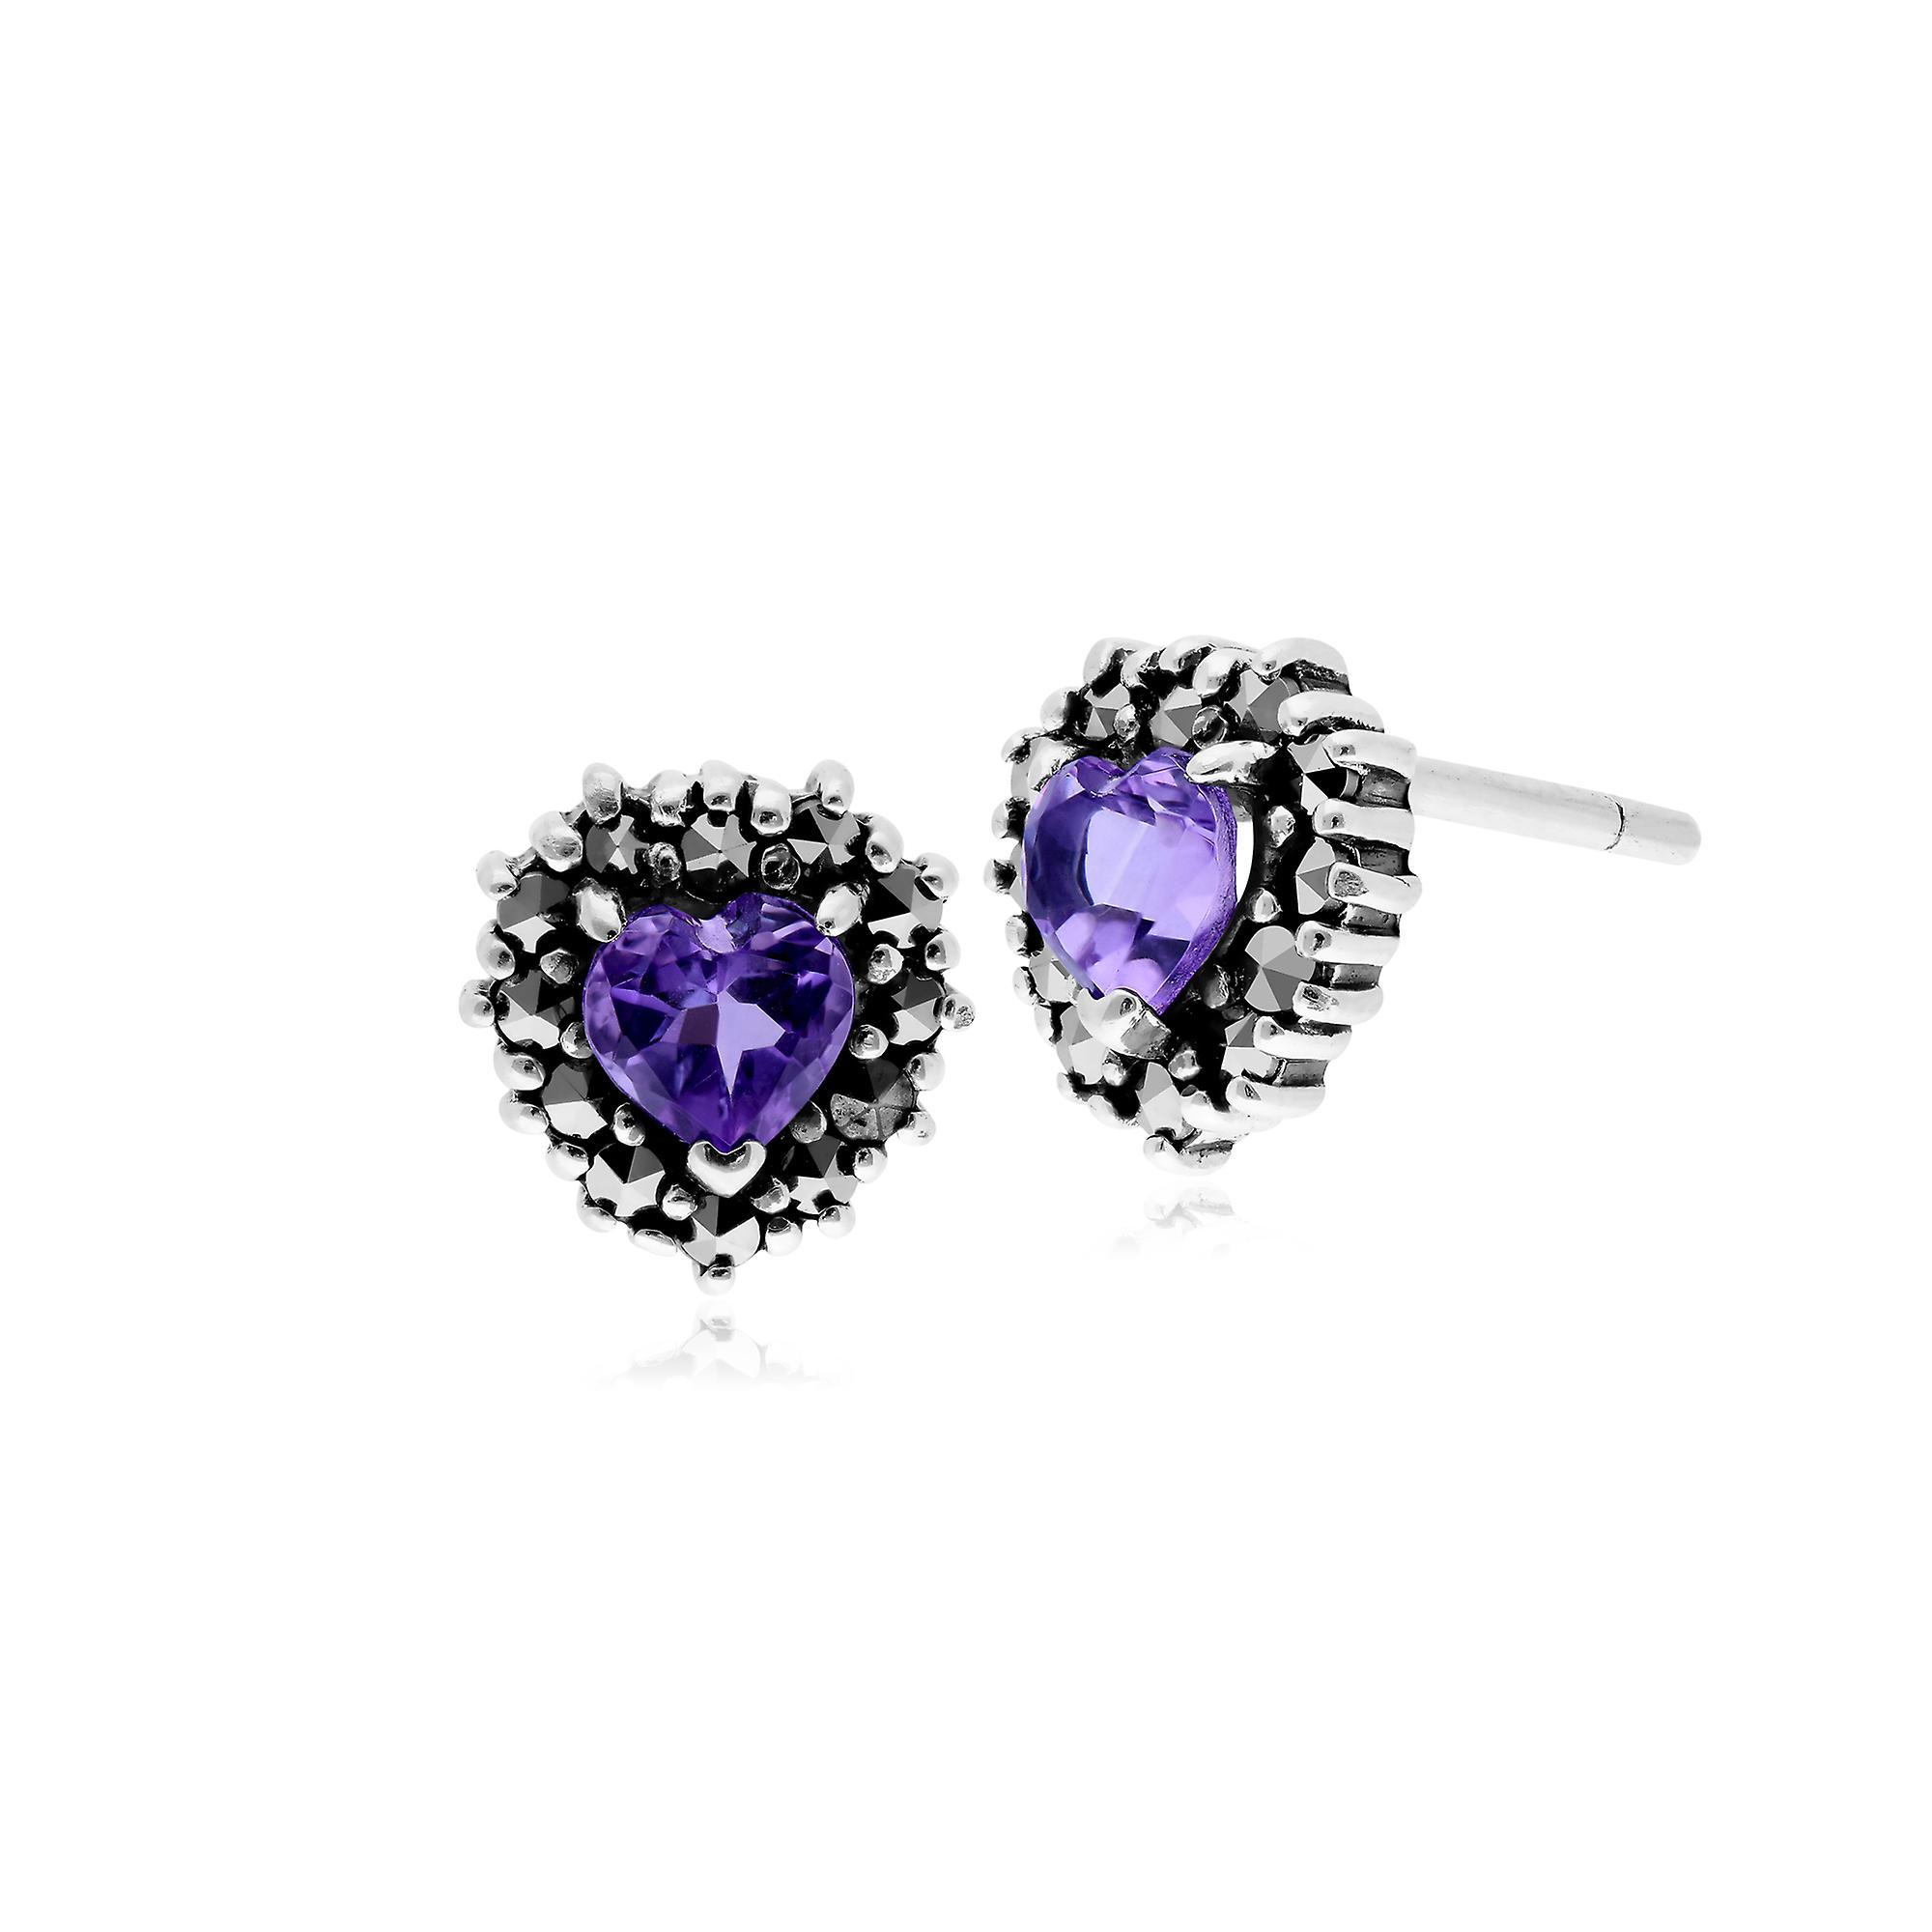 Gemondo Sterling Silver Amethyst & Marcasite Heart Stud Earrings